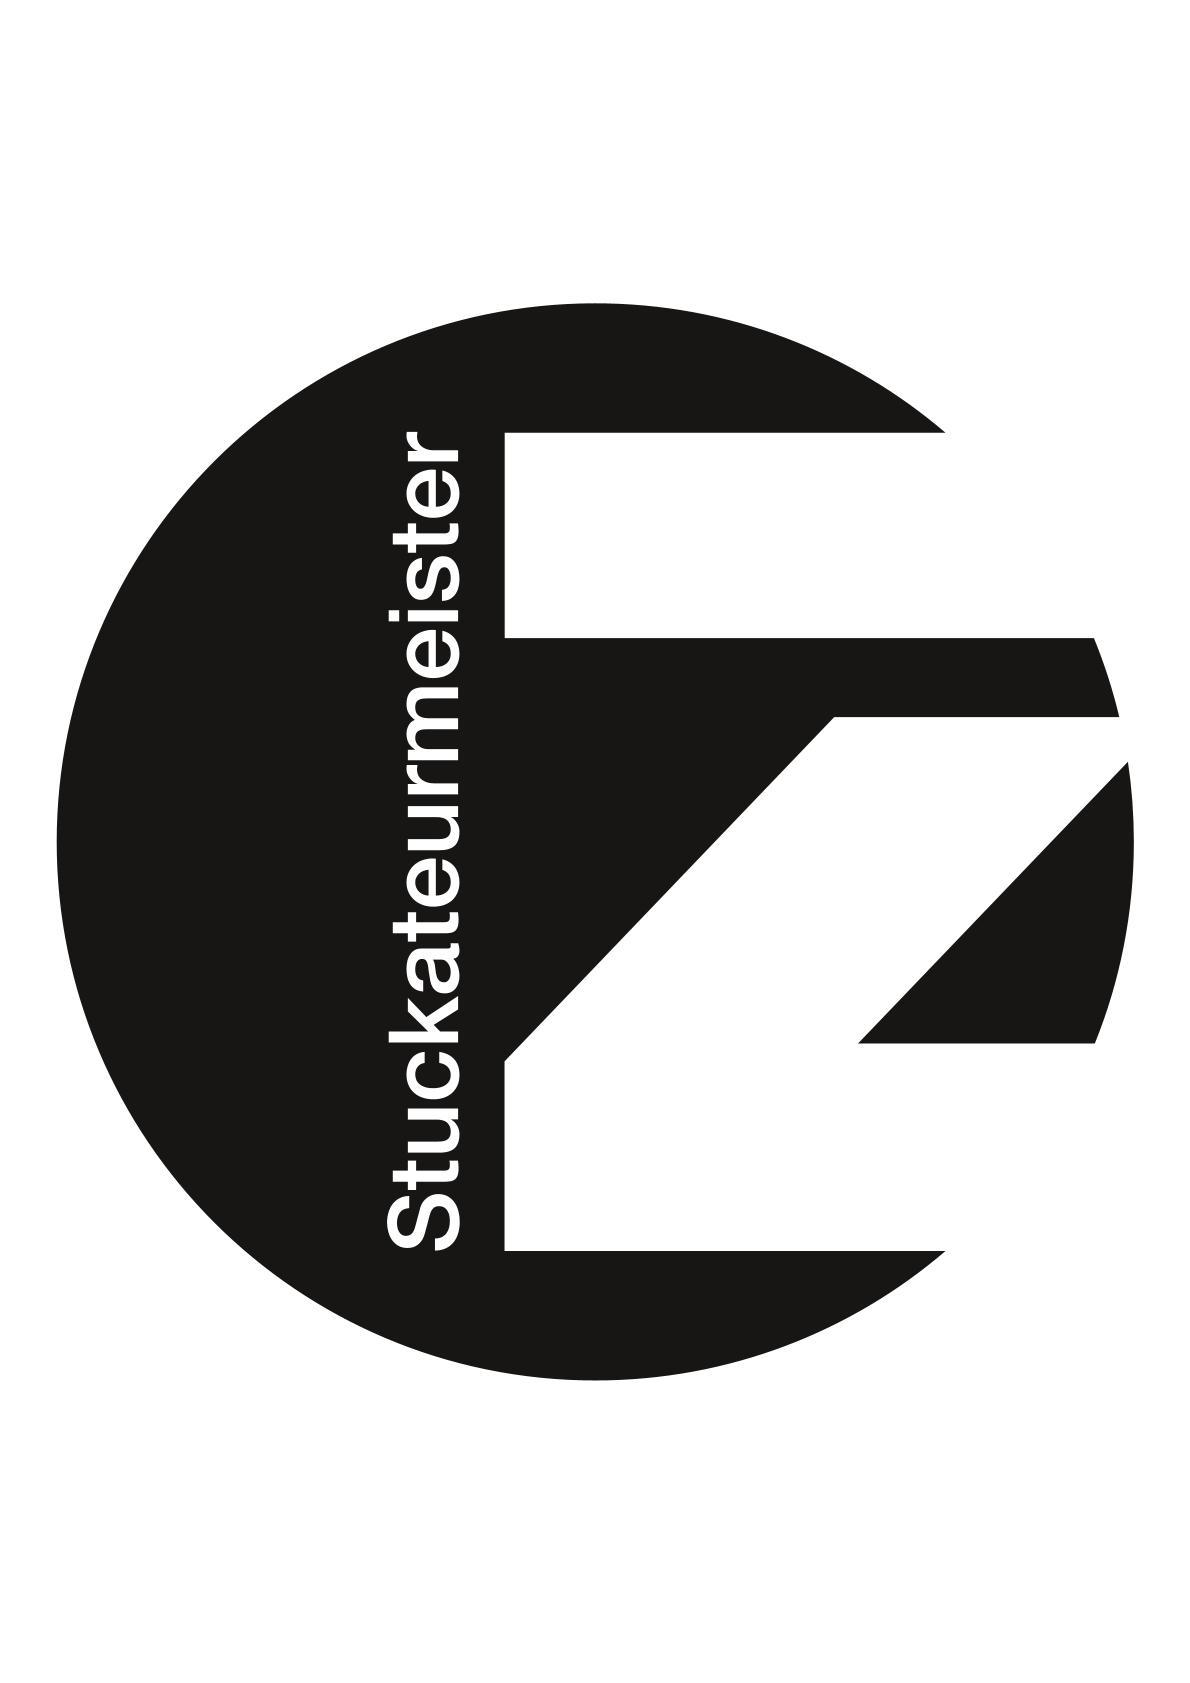 Bild zu Zimmermann, D. Maler & Stuckateure in Wiesental Gemeinde Waghäusel